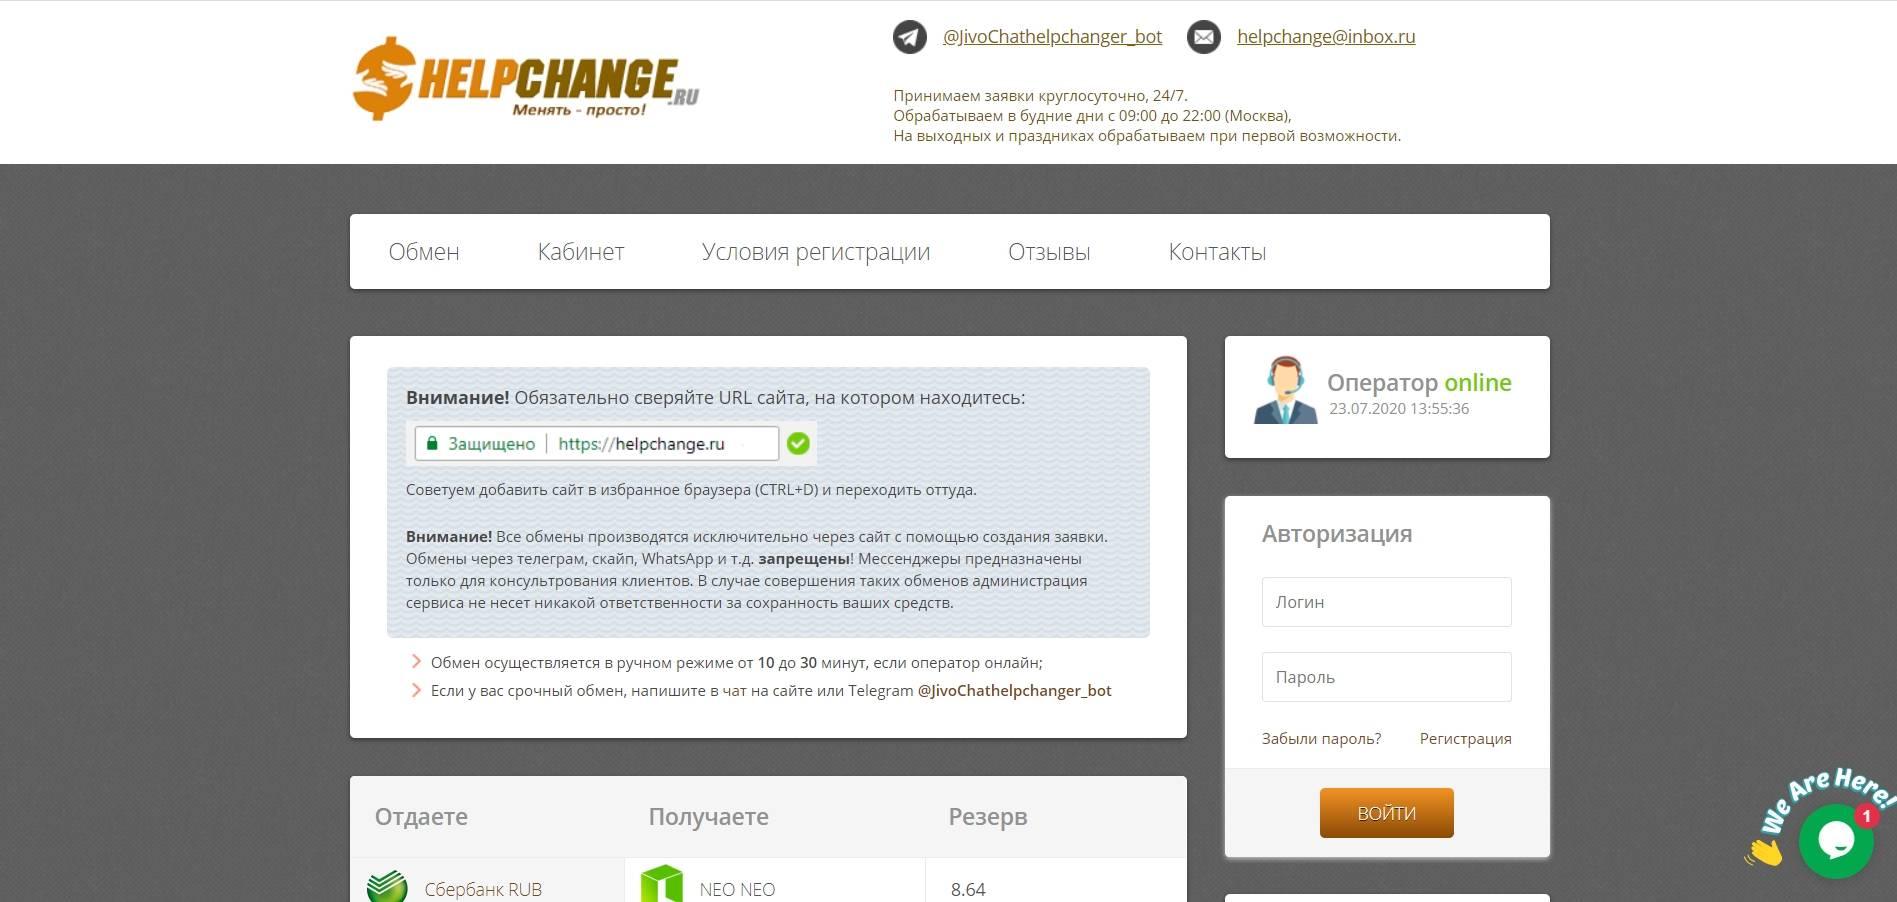 HelpChange